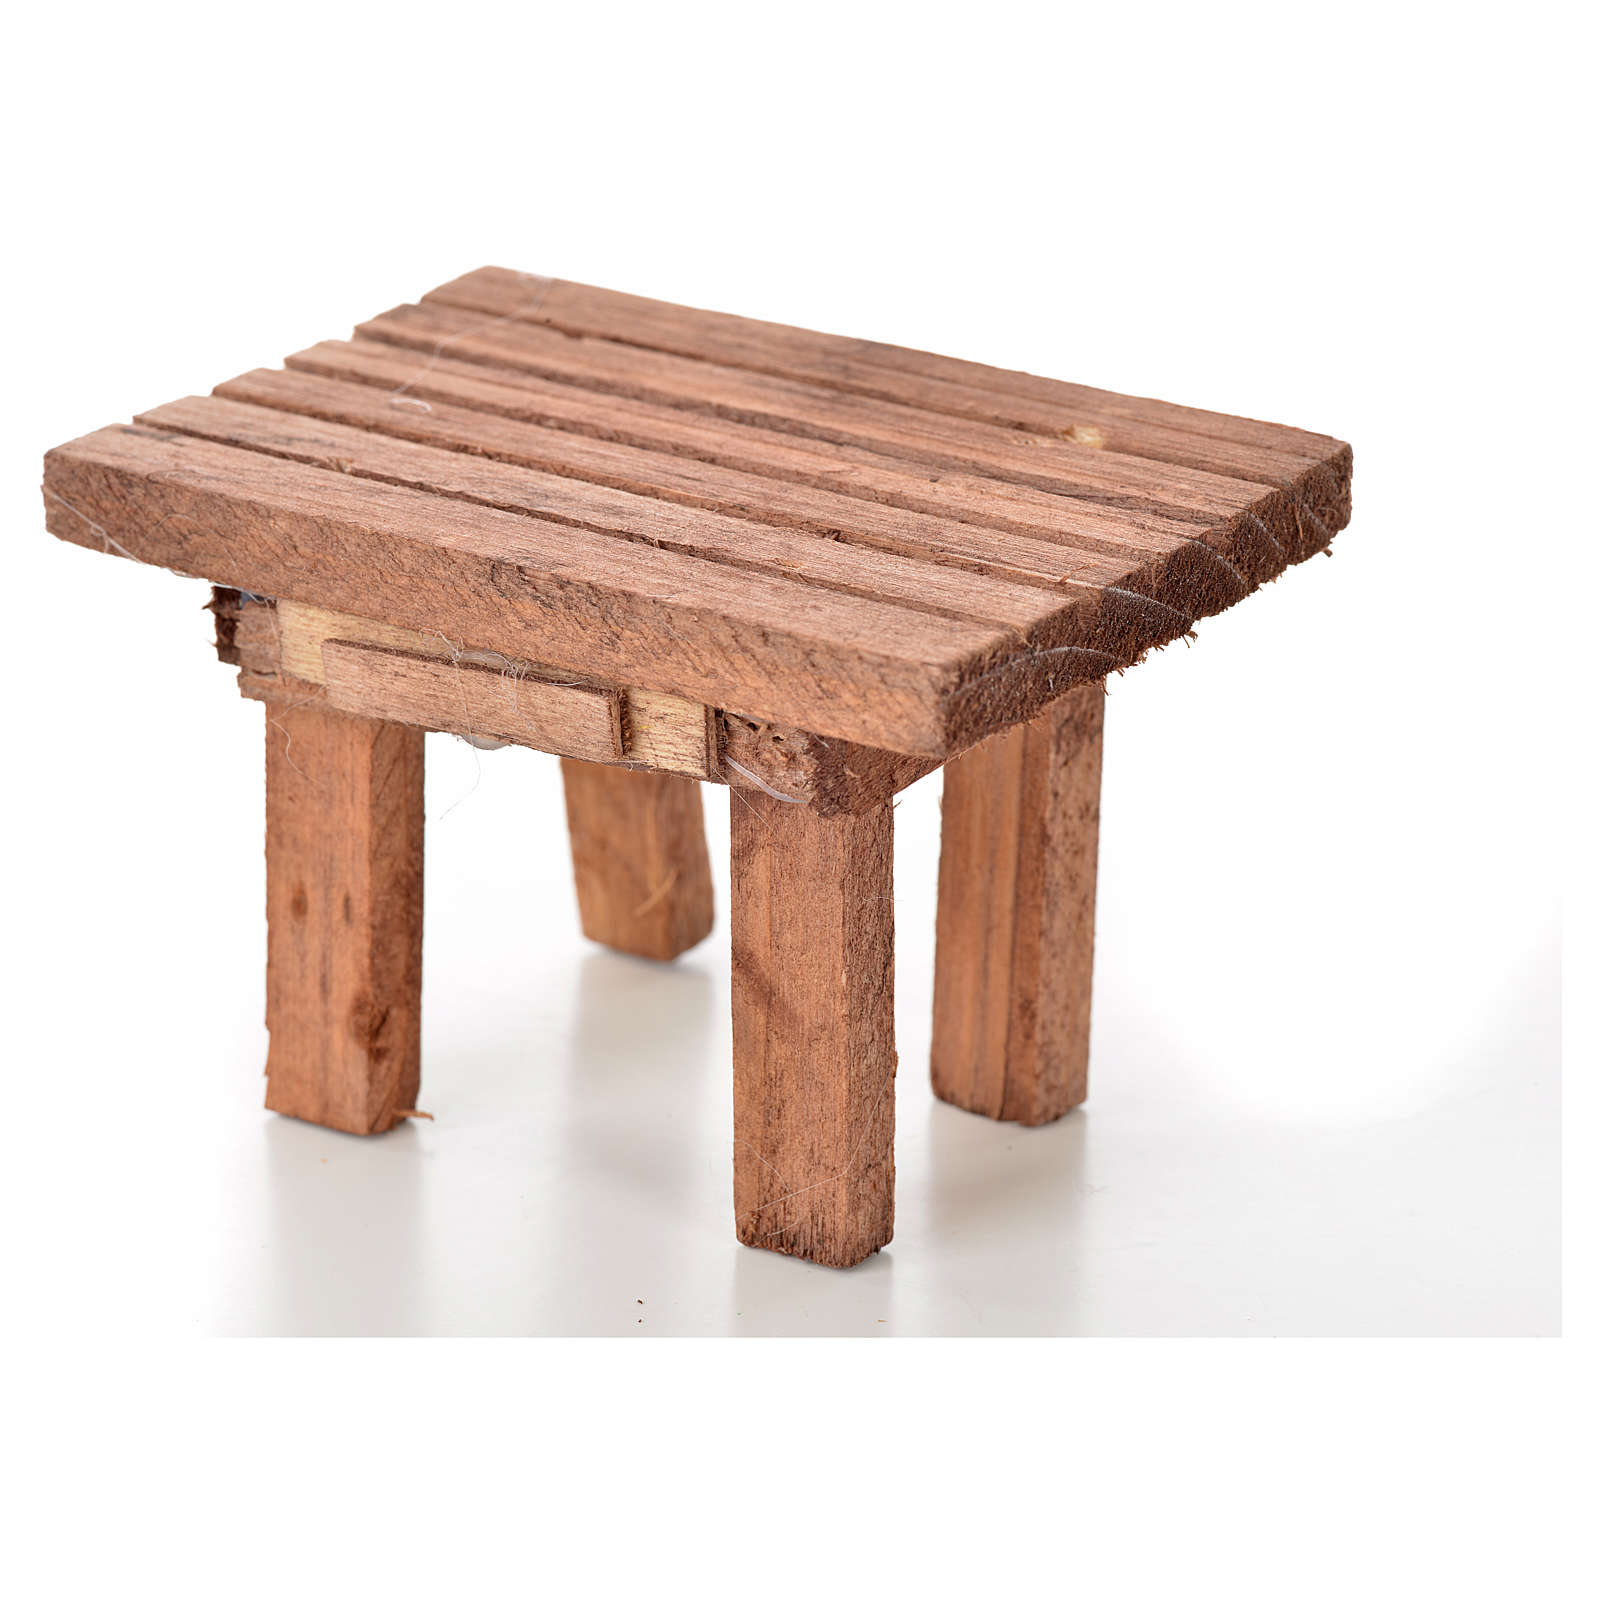 Tavolo legno 8,5 x 6 x 5,5 cm 4